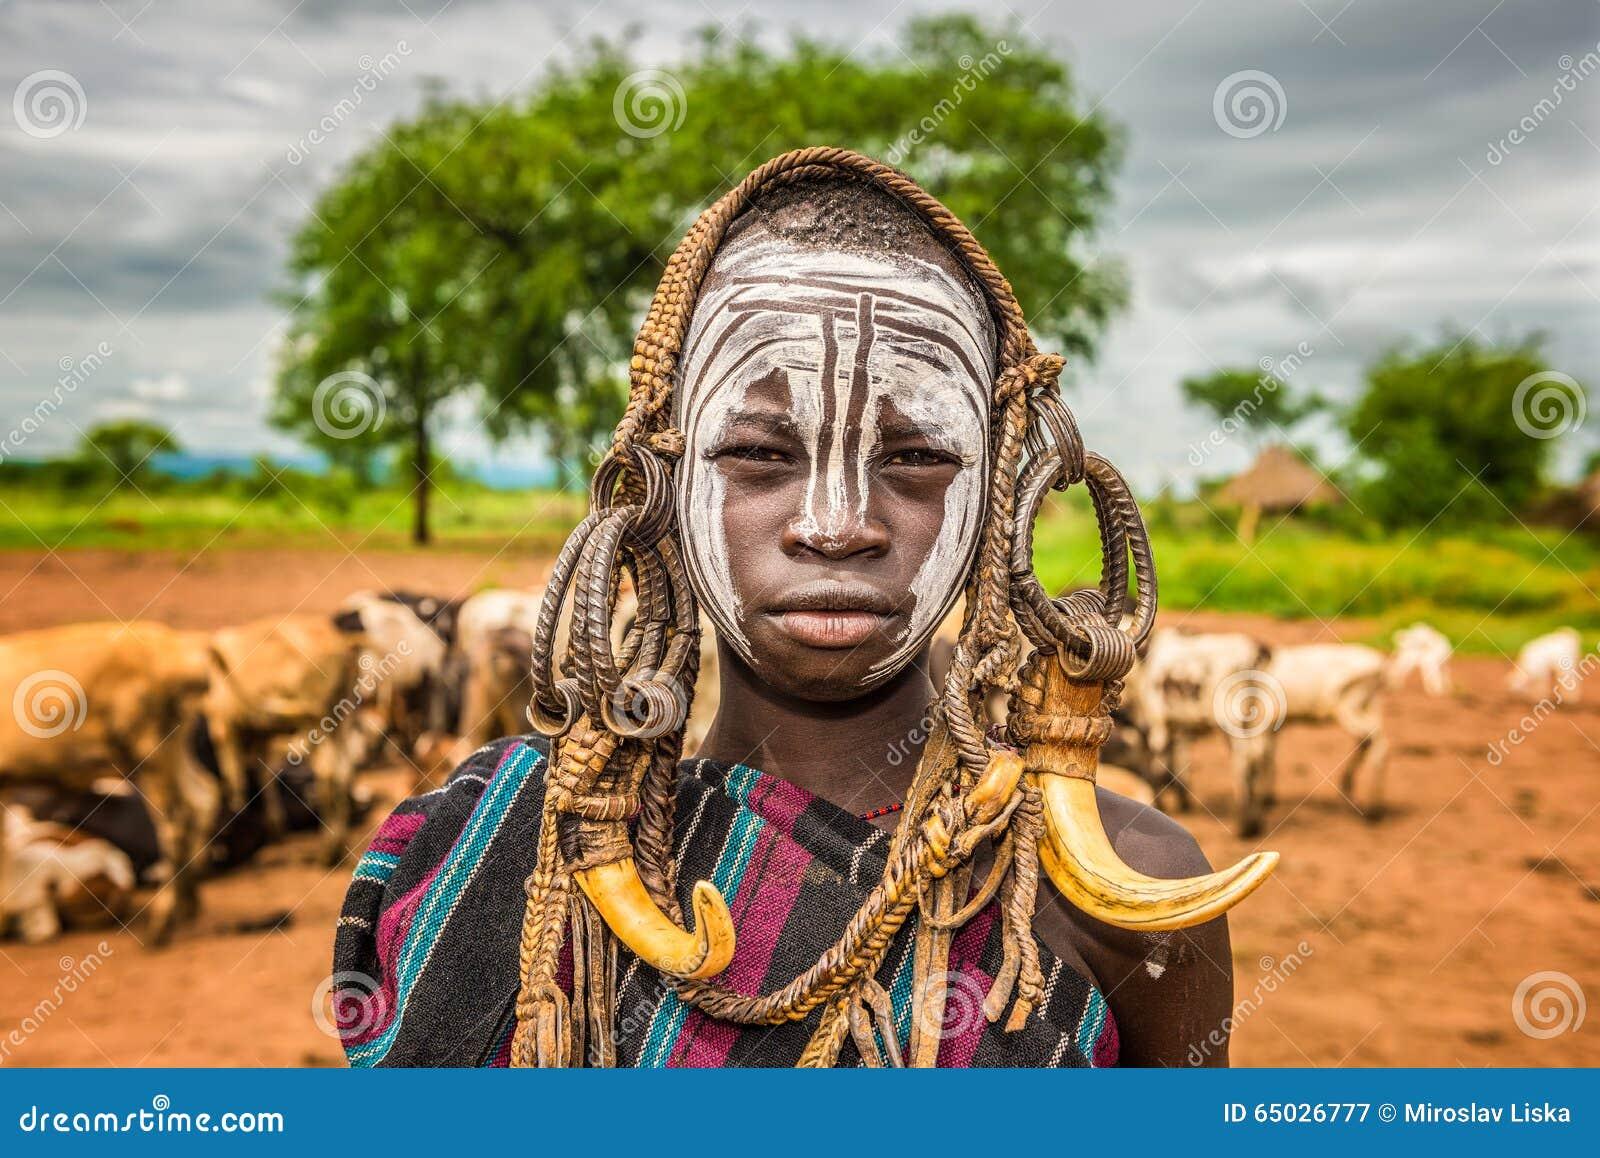 Молодой мальчик от африканского племени Mursi, Эфиопии